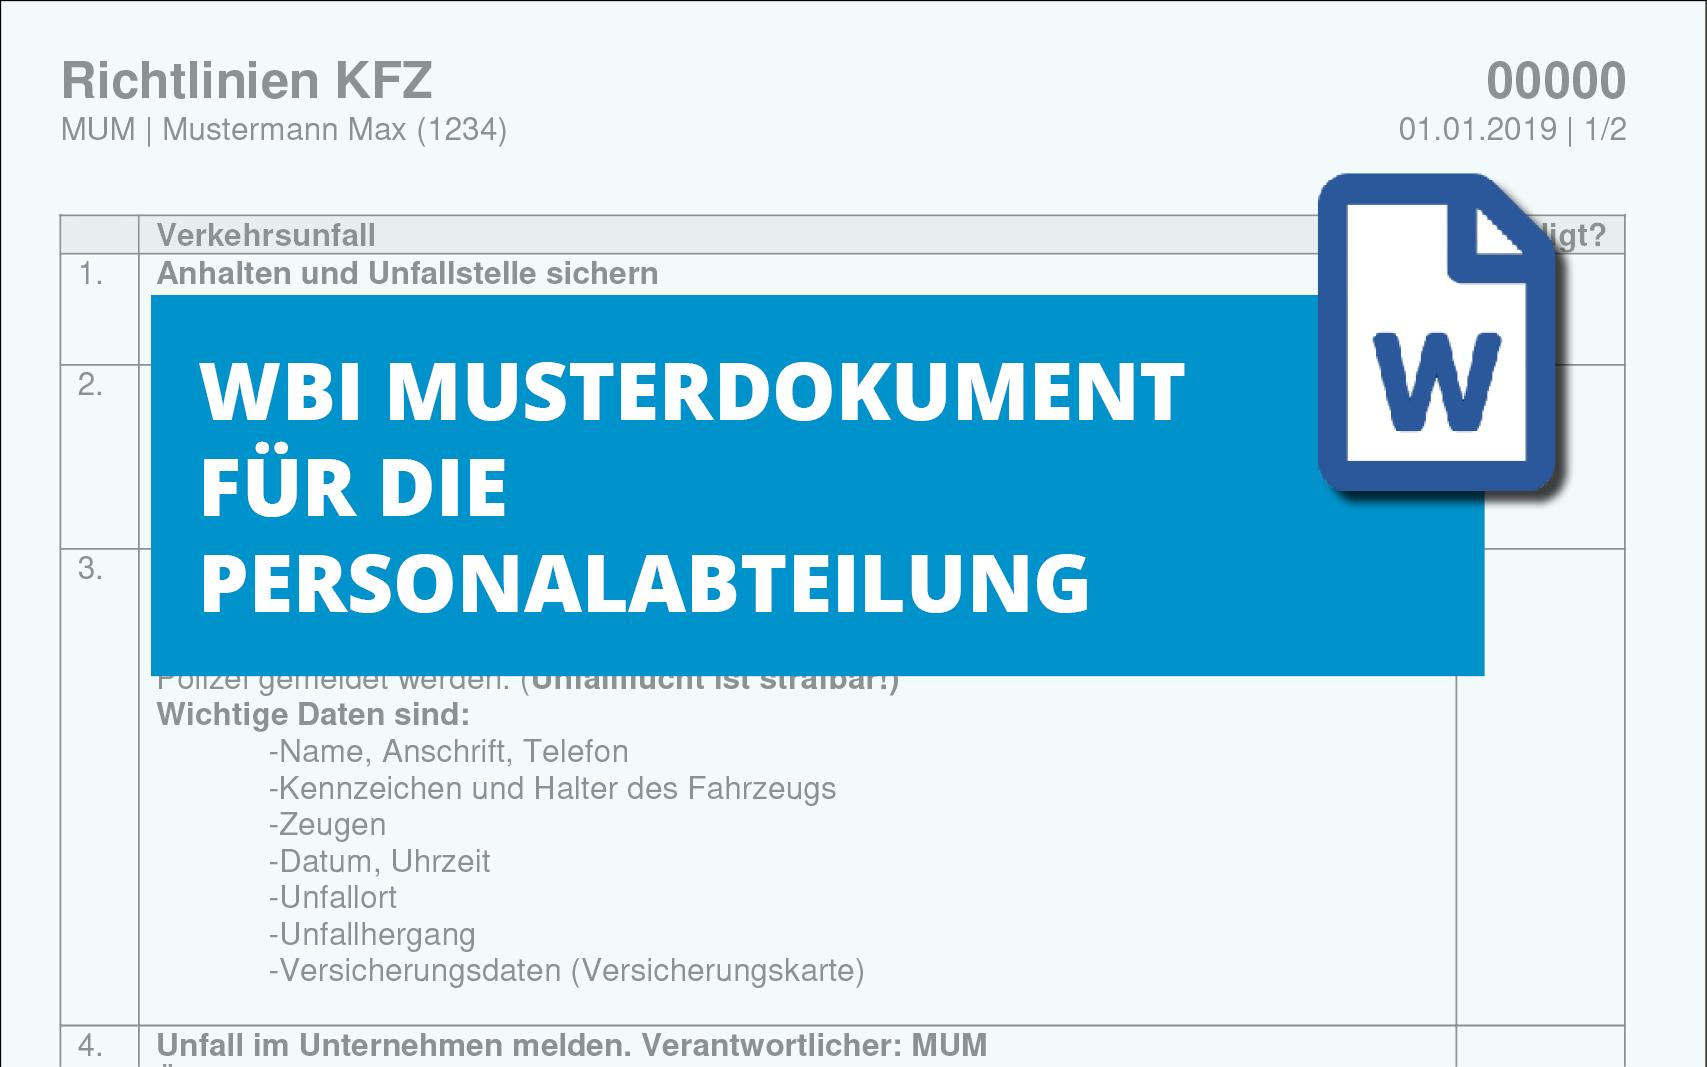 richtlinien-kfz